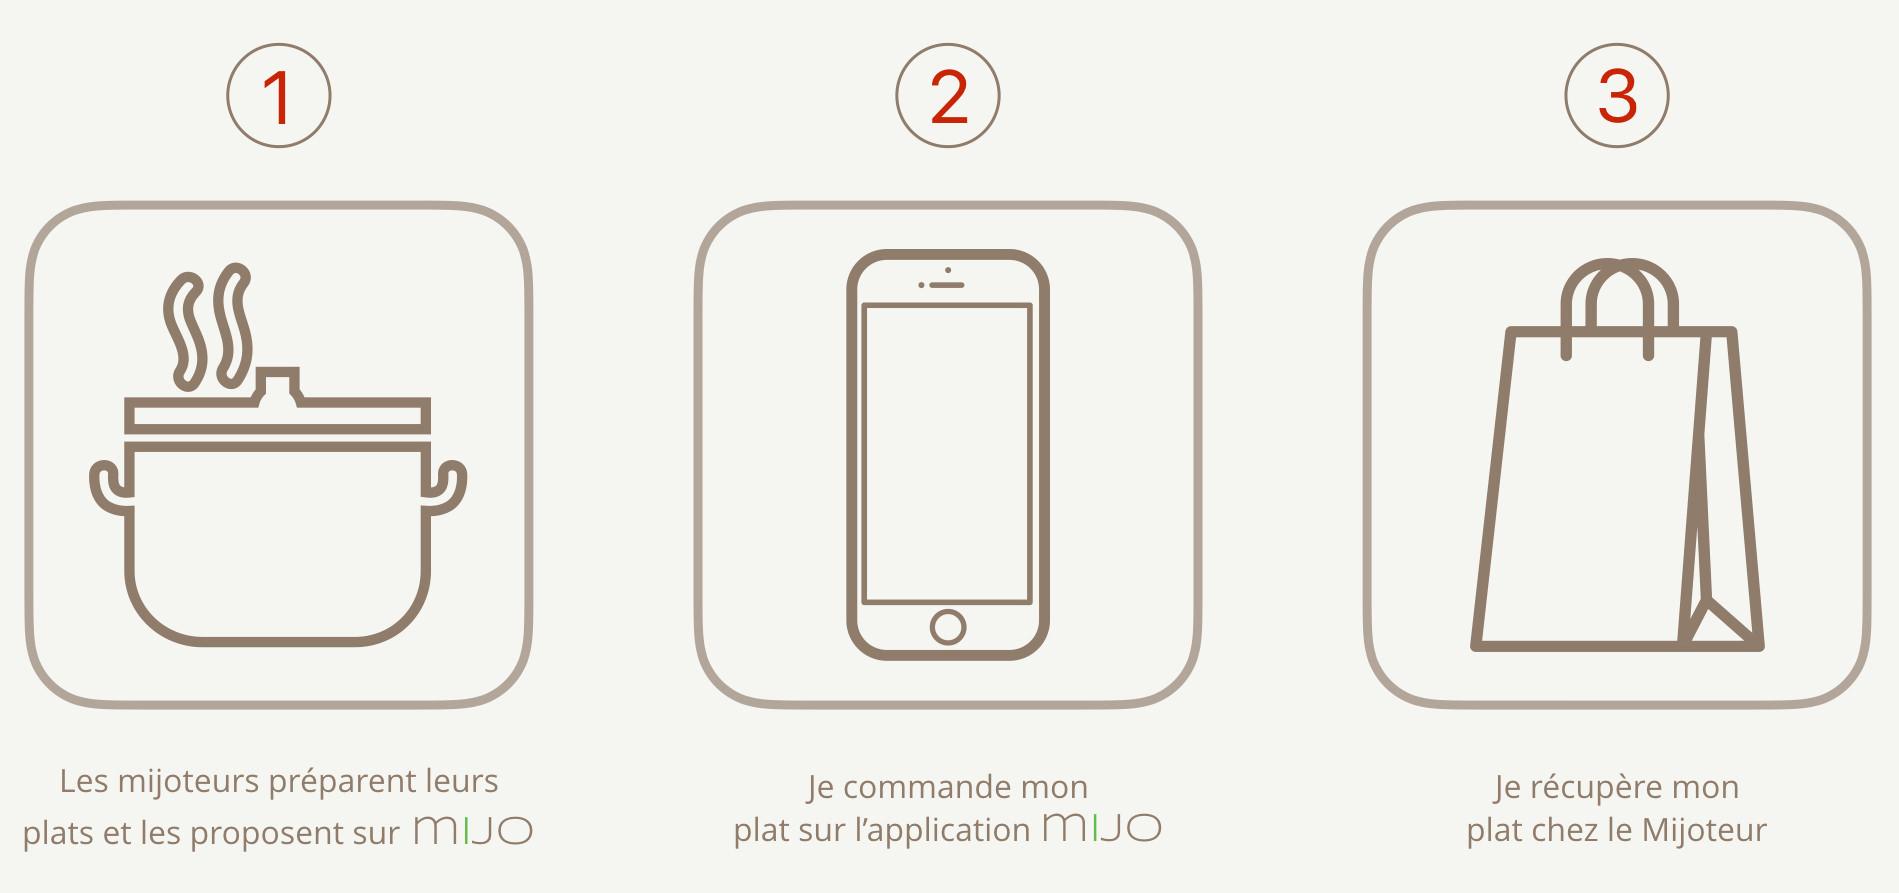 Comment ça marche en 3 étapes icônes - V3.001